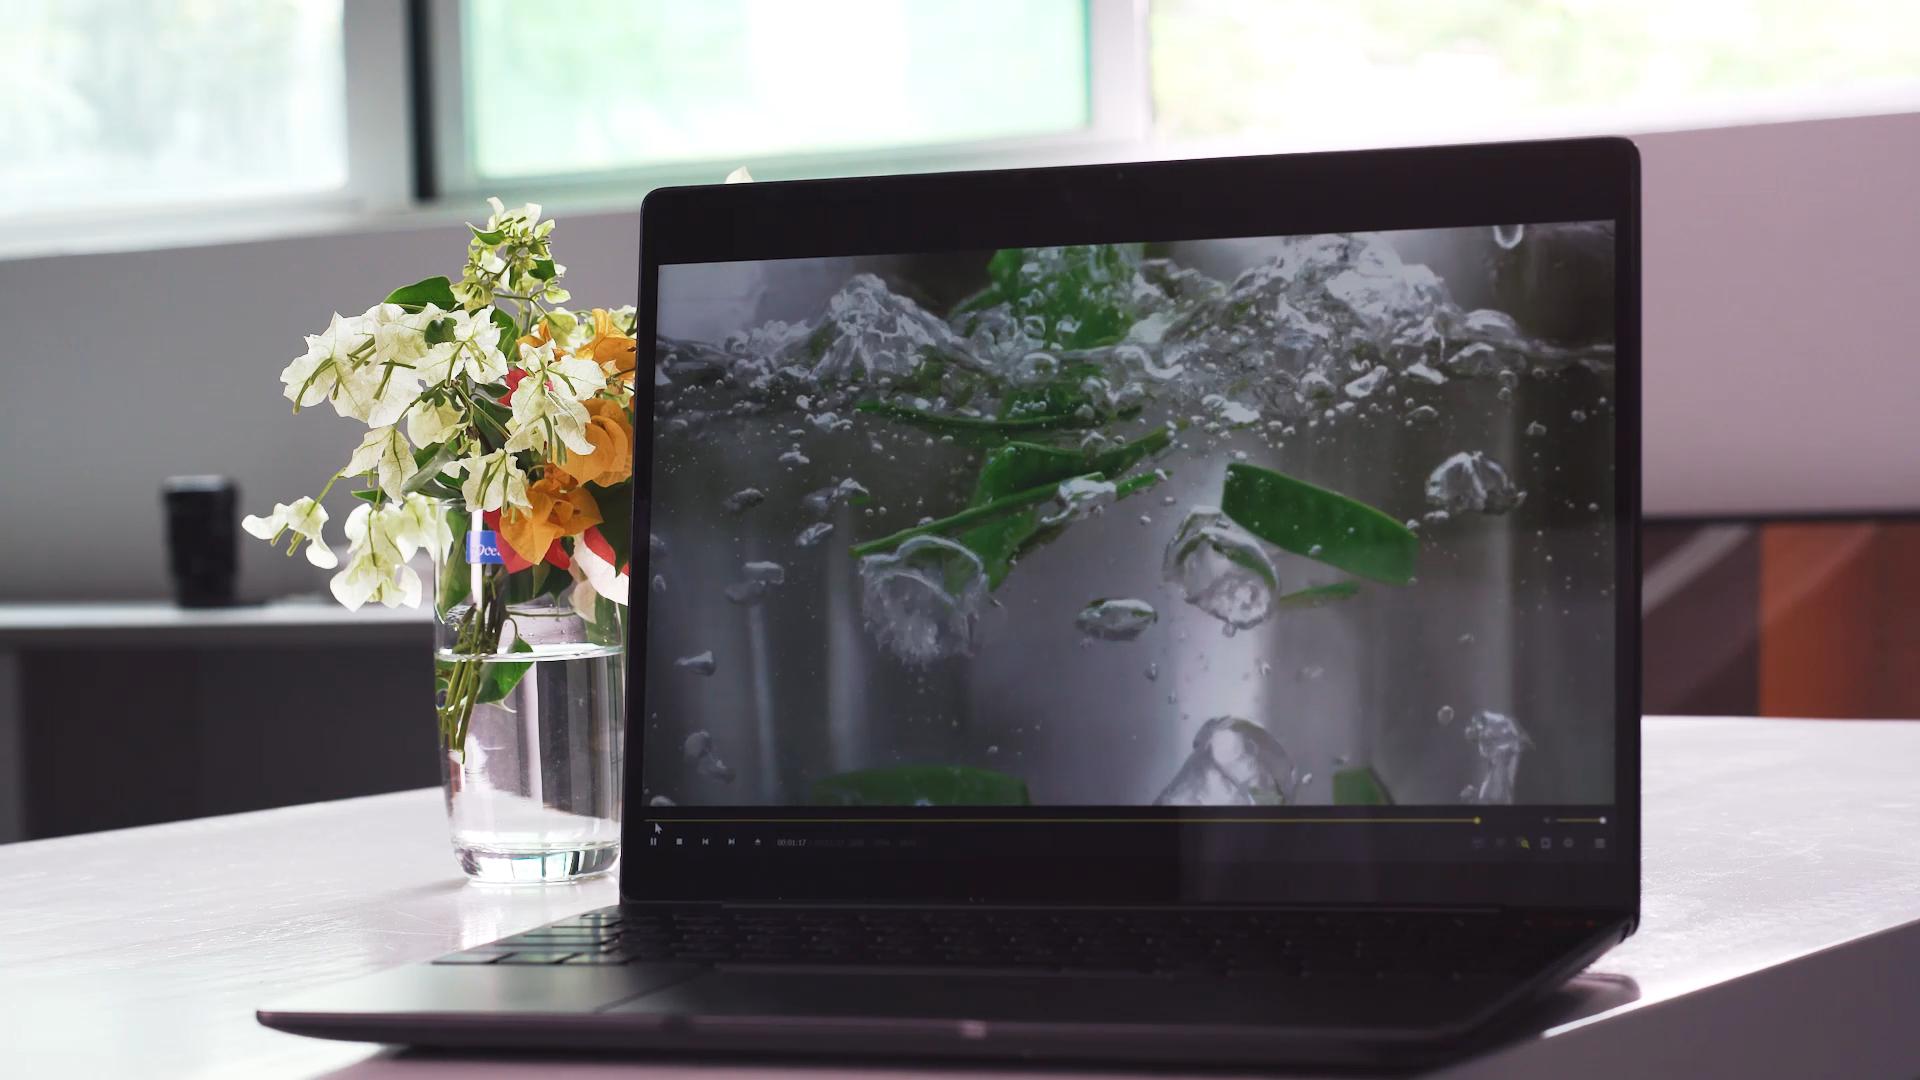 CHUWI GemiBook 프로 14 Netbooks 16GB 512GB 인텔 셀러론 J4125 쿼드 코어 2160*1440 IPS 노트북 windows 10 울트라 얇은 노트북